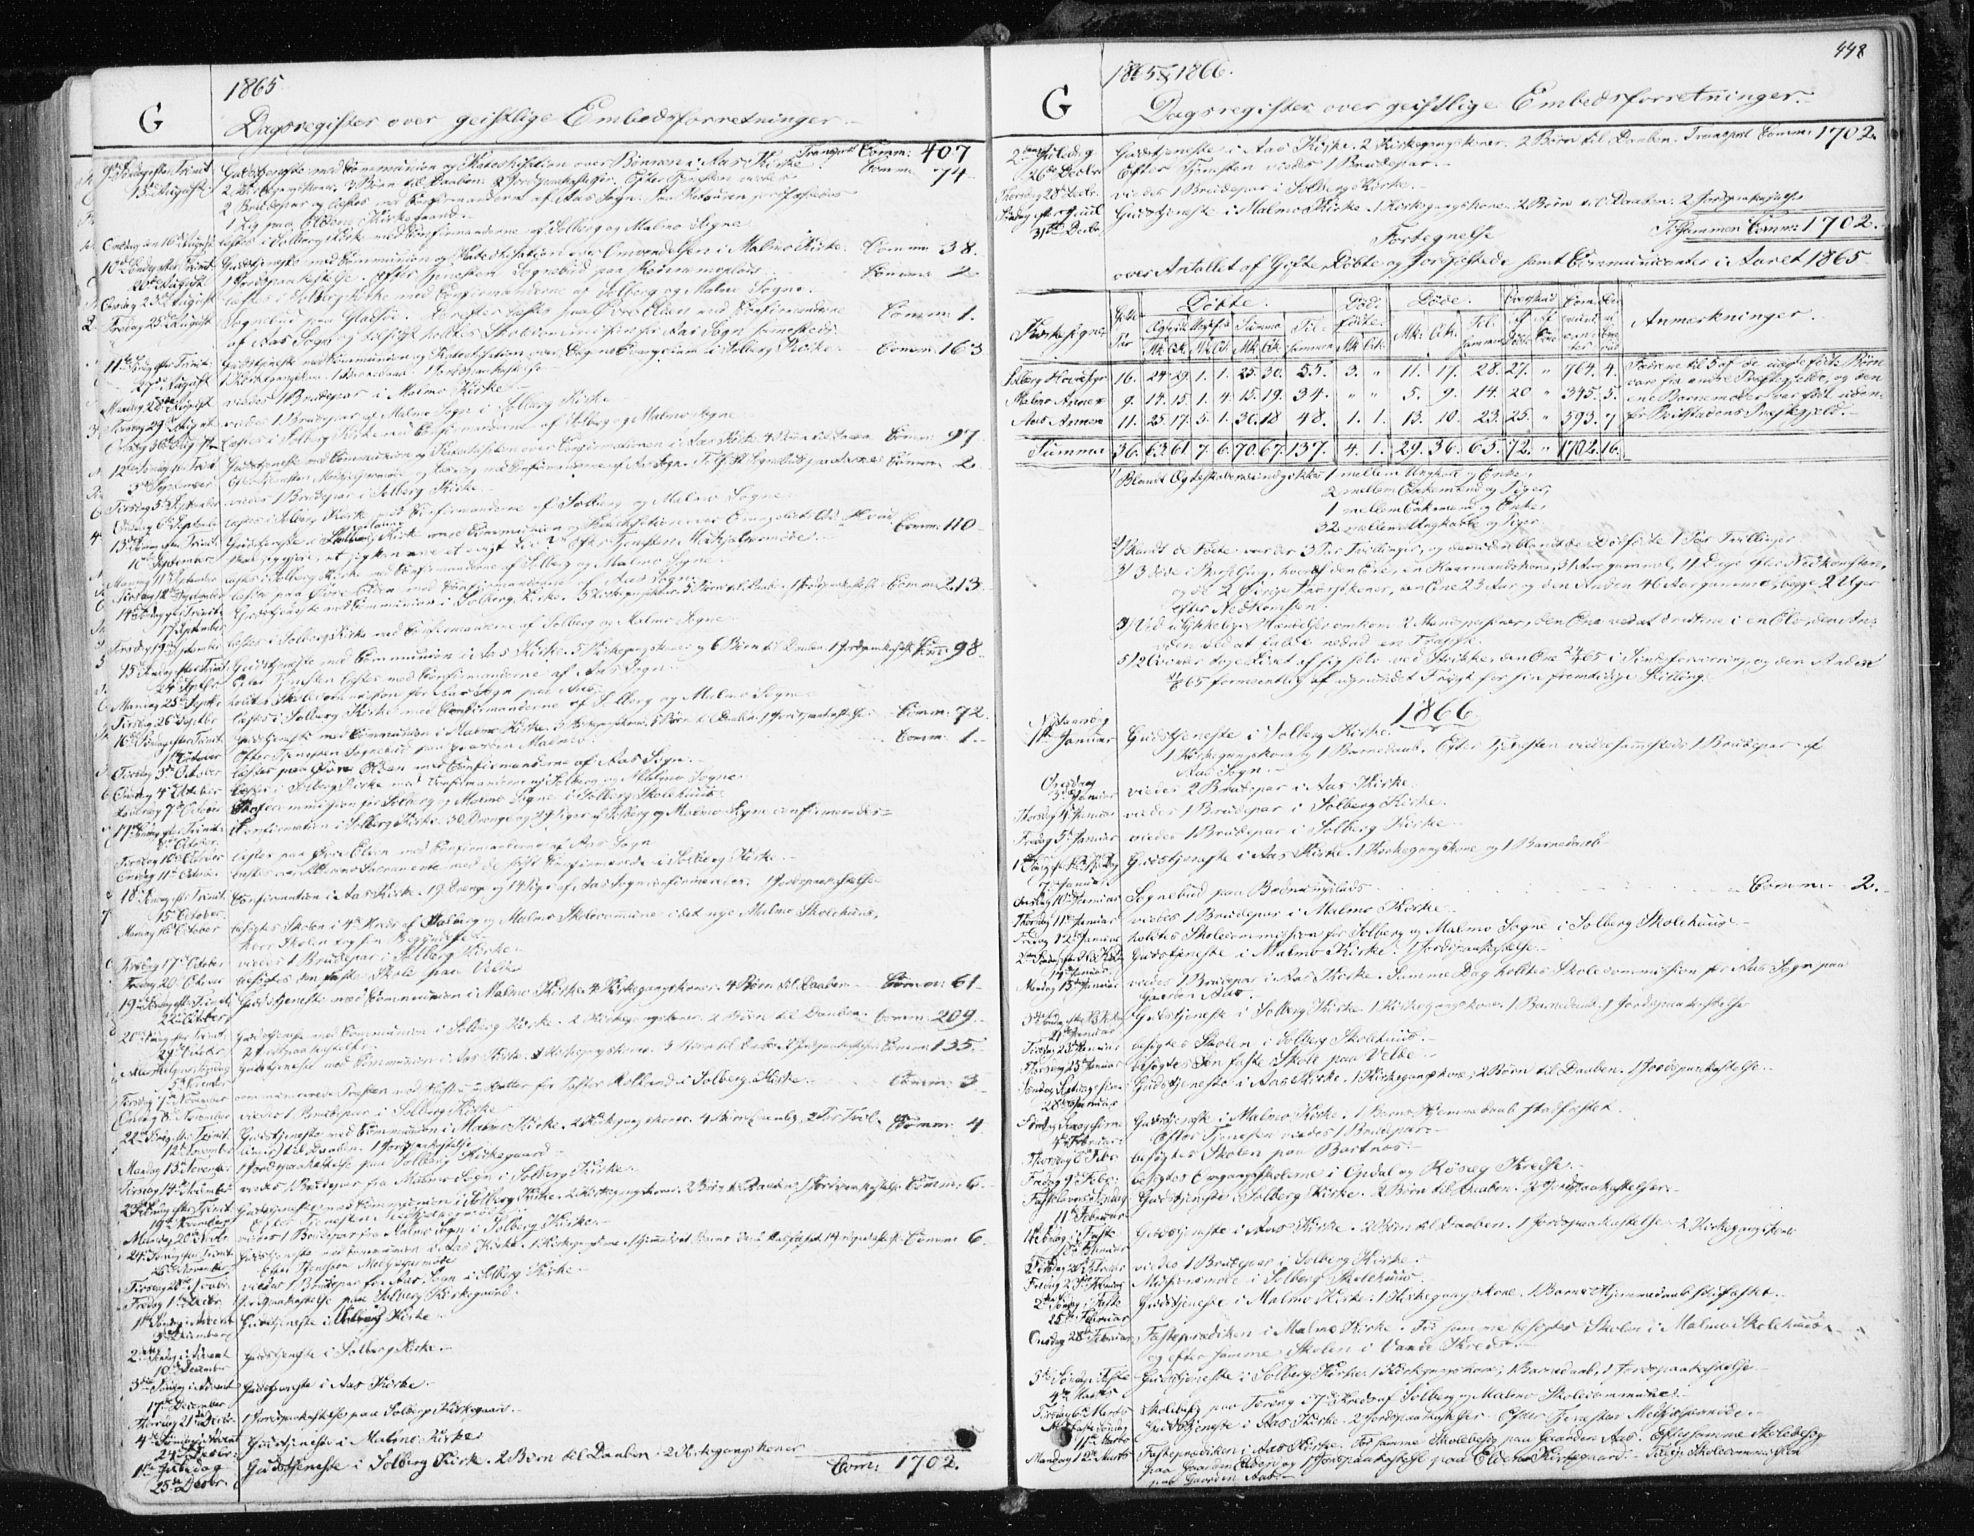 SAT, Ministerialprotokoller, klokkerbøker og fødselsregistre - Nord-Trøndelag, 741/L0394: Ministerialbok nr. 741A08, 1864-1877, s. 448